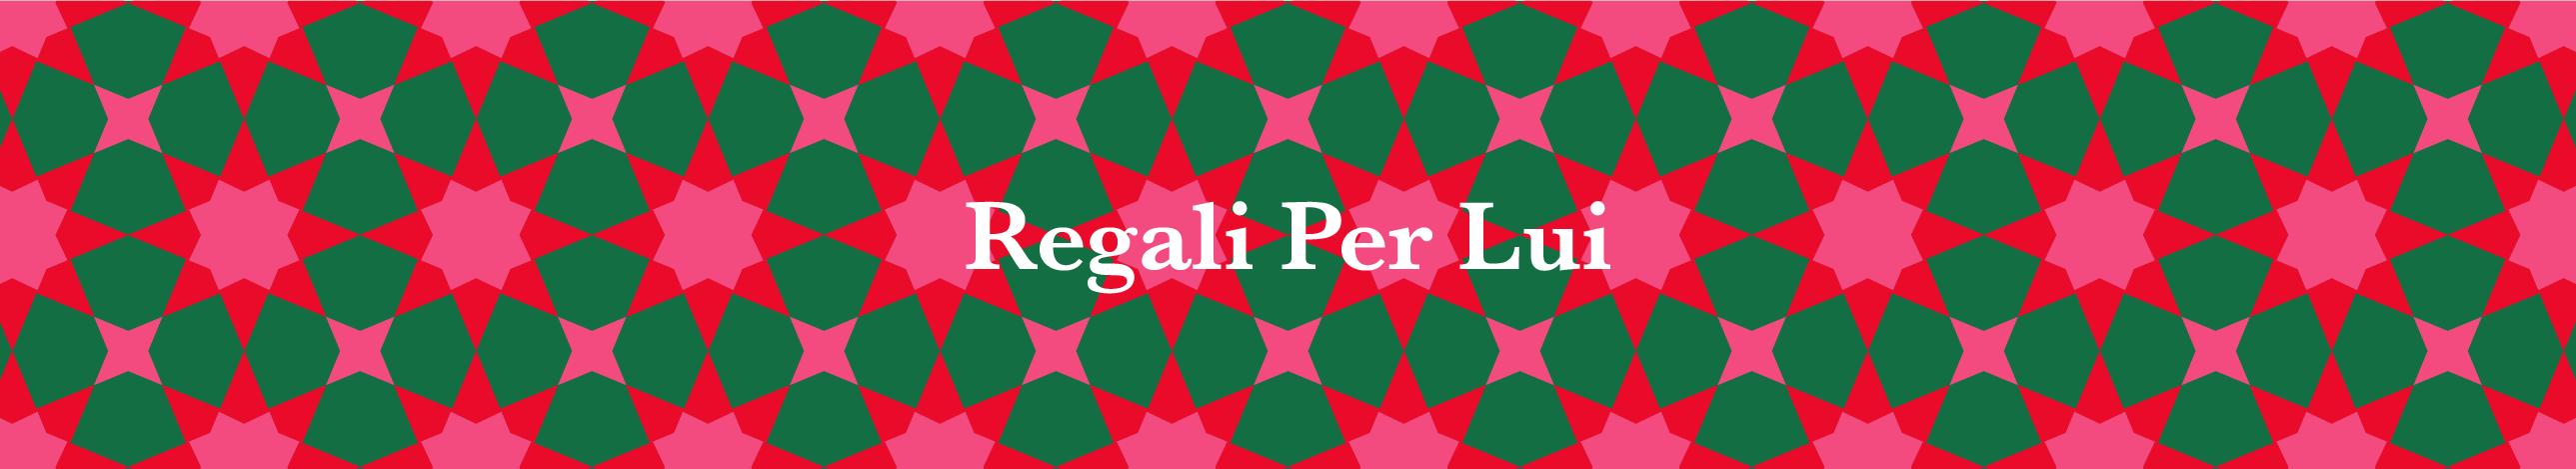 GRIFFI_NATALE_LANDING-PAGE_SEZIONE_REGALI-PER-LUI.png